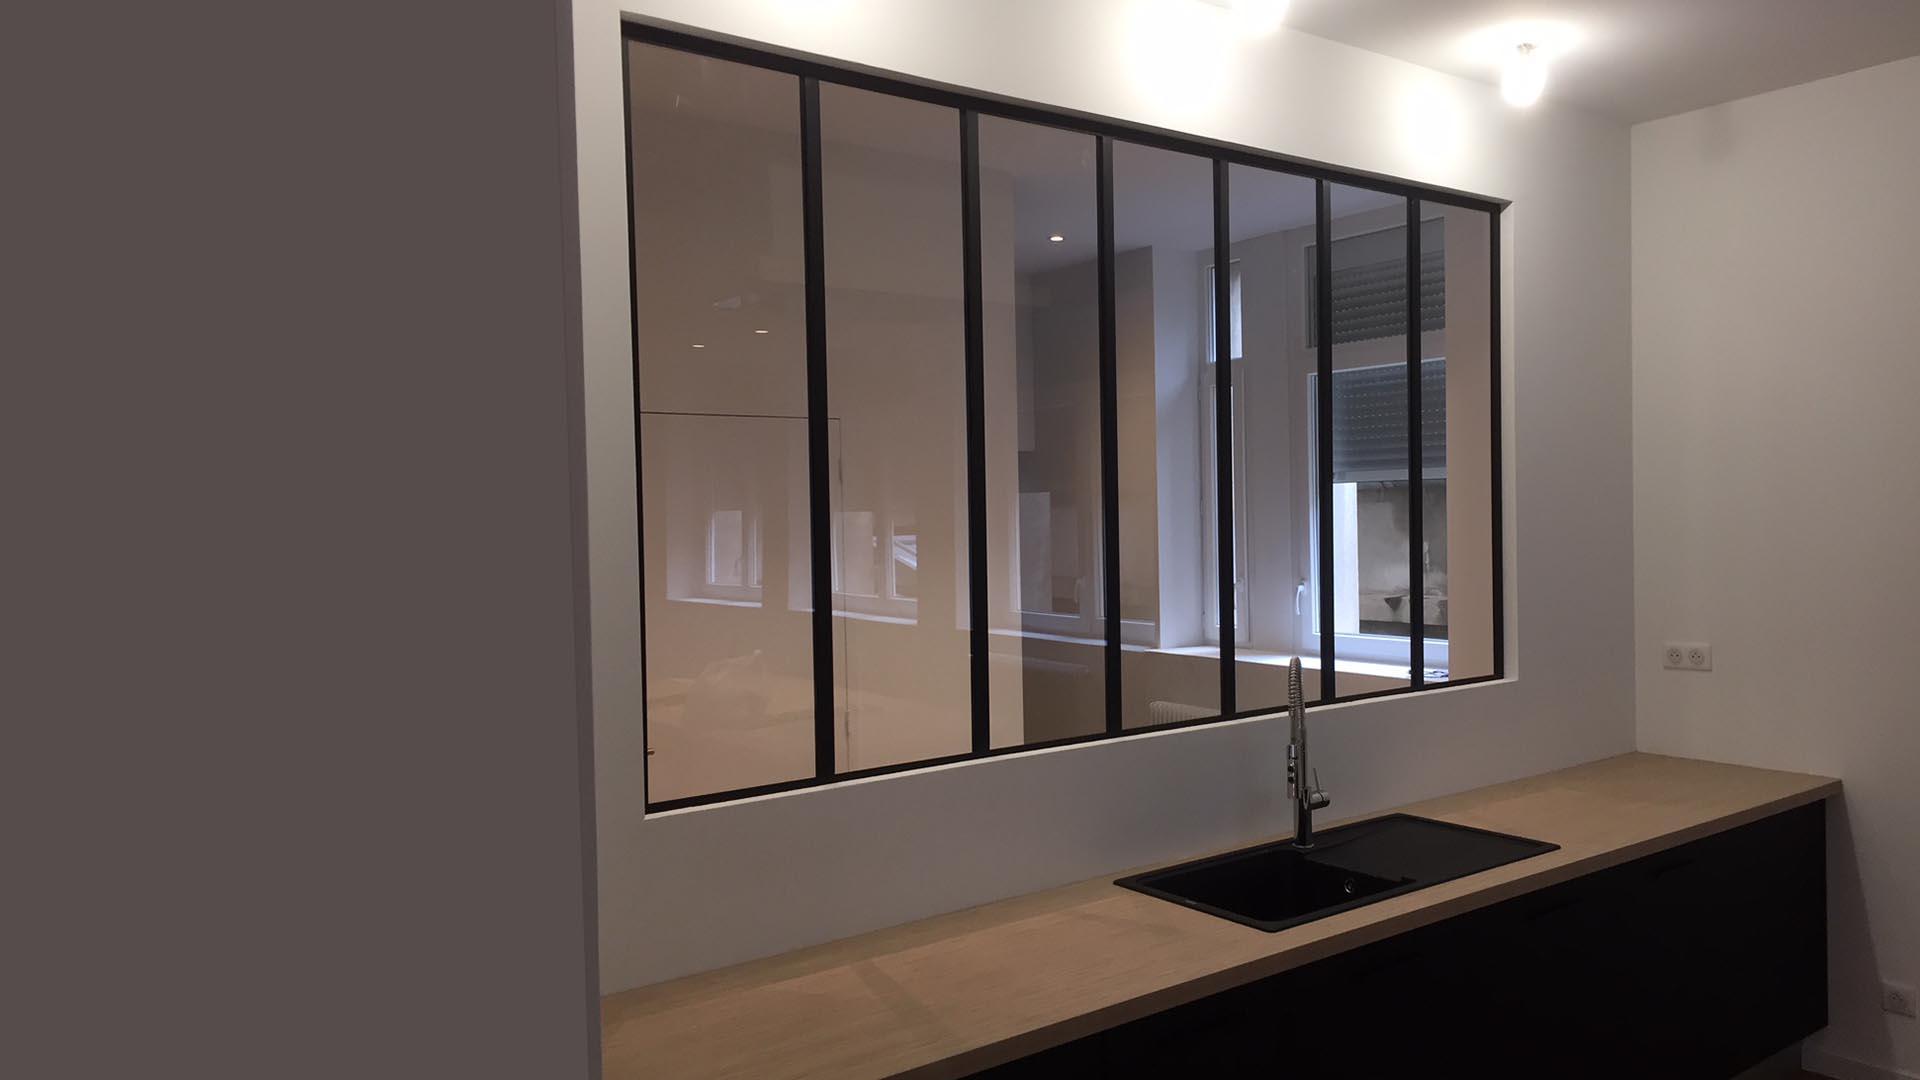 fer d 39 aqui rodez aveyron garde corps escaliers mobiliers et objets de d corations en fer et bois. Black Bedroom Furniture Sets. Home Design Ideas